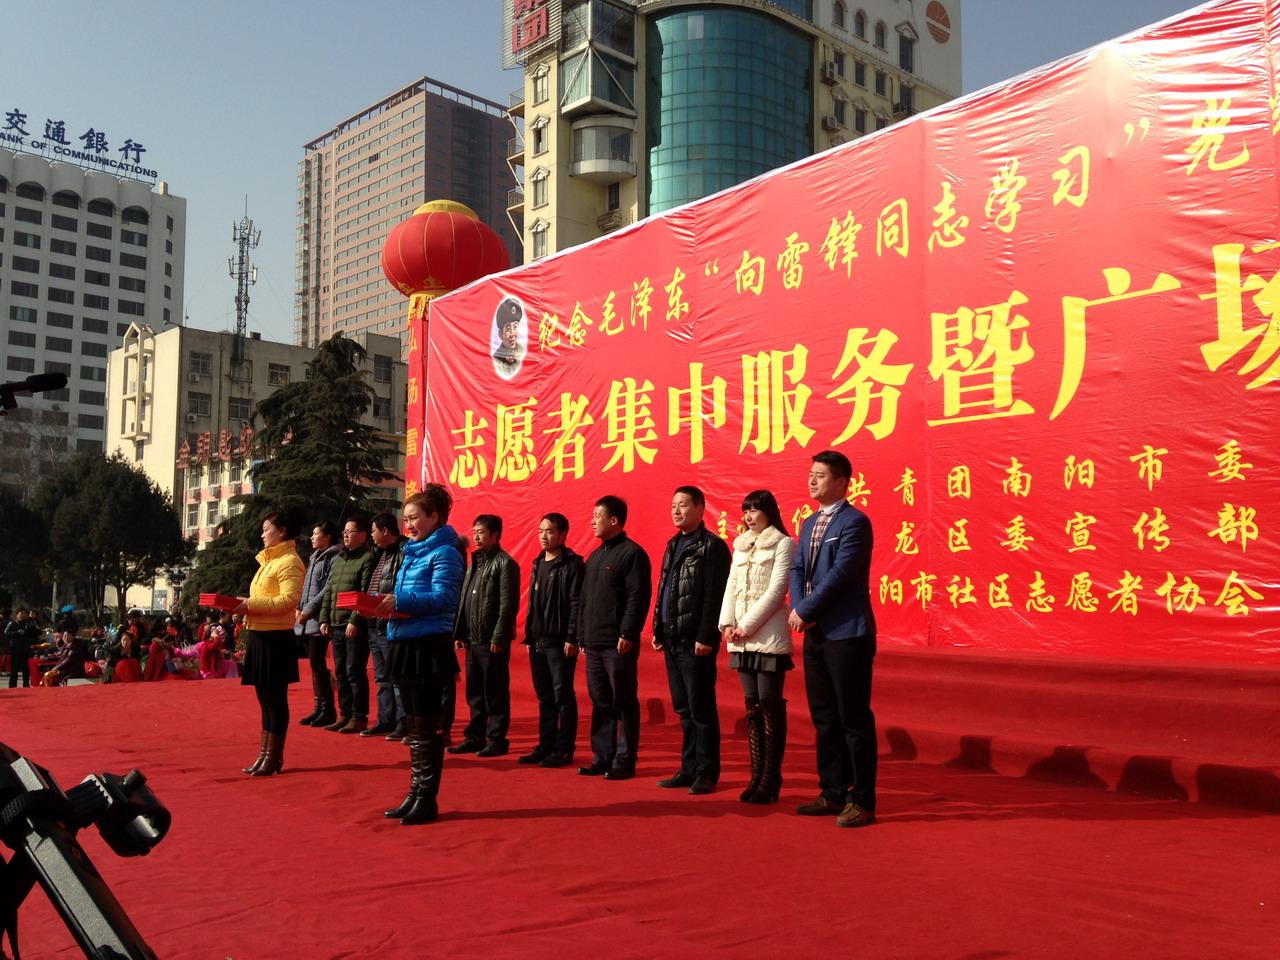 南阳市金牌青年志愿者颁奖仪式  -南阳团市委开展志愿者集中服务暨广